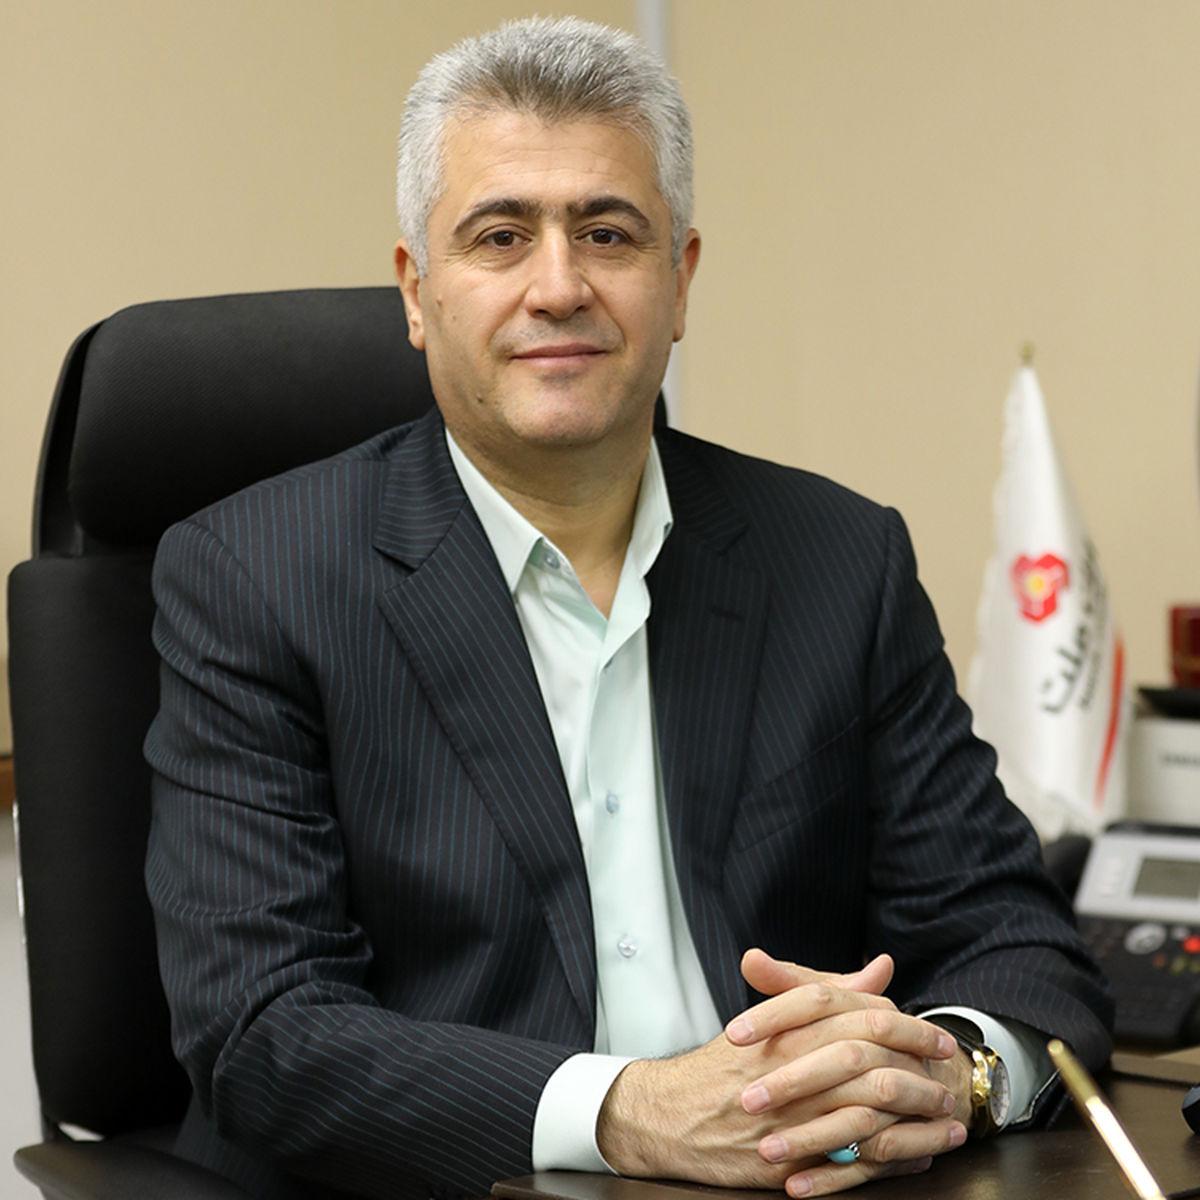 پیام تبریک مدیر روابط عمومی بانک ملت به مناسبت روز خبرنگار